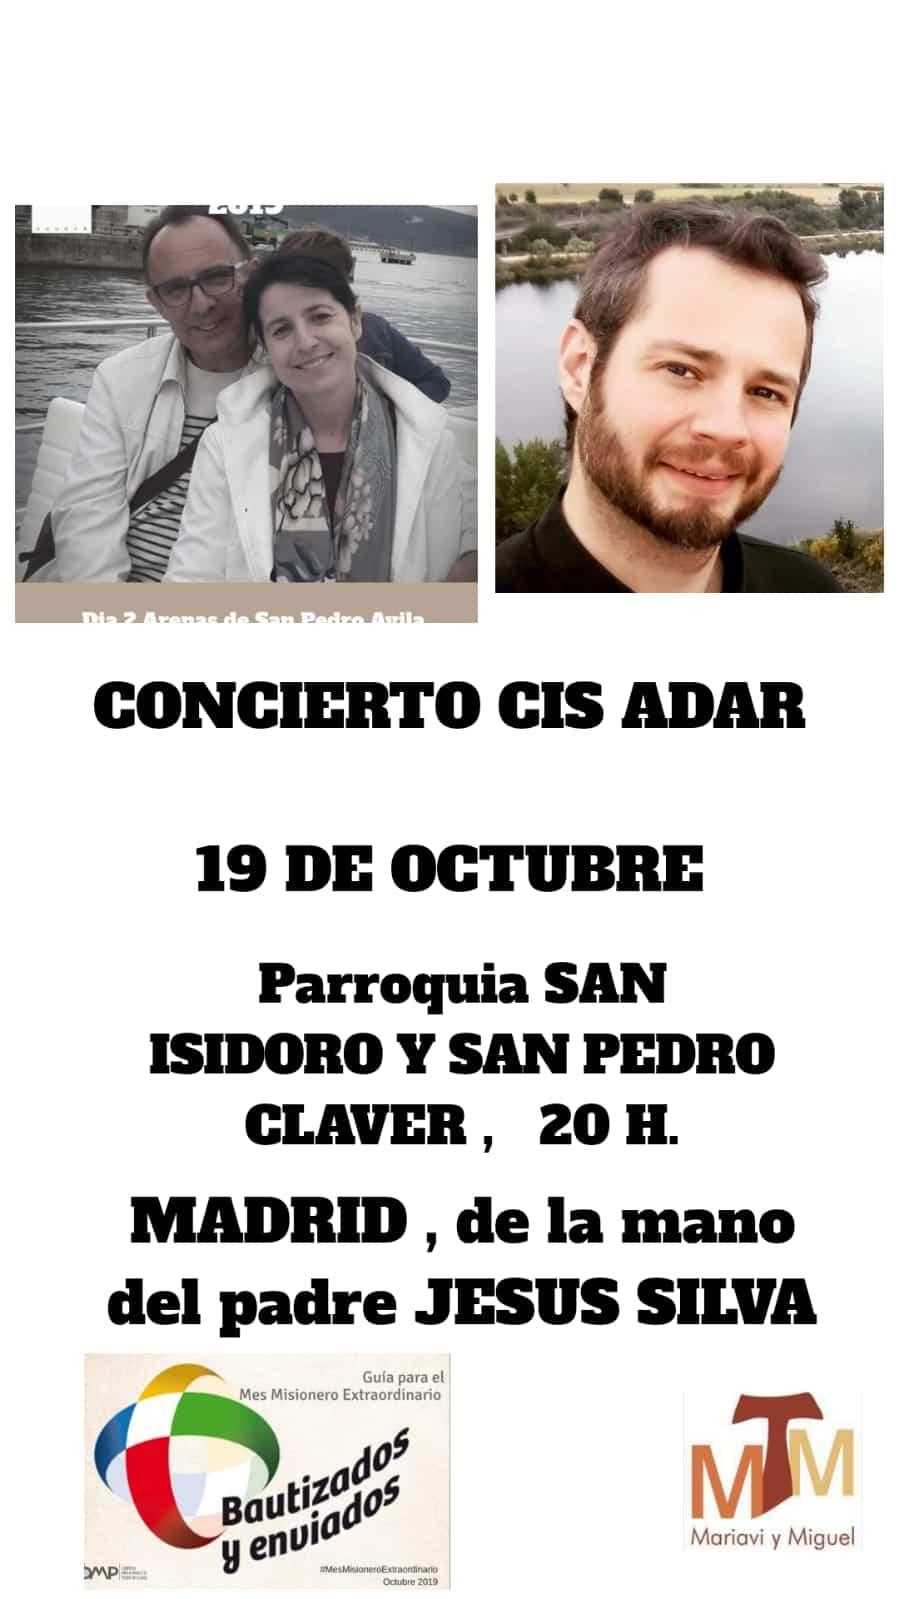 Concierto de Cis Adar en Madrid - Concierto de Cis Adar en Madrid